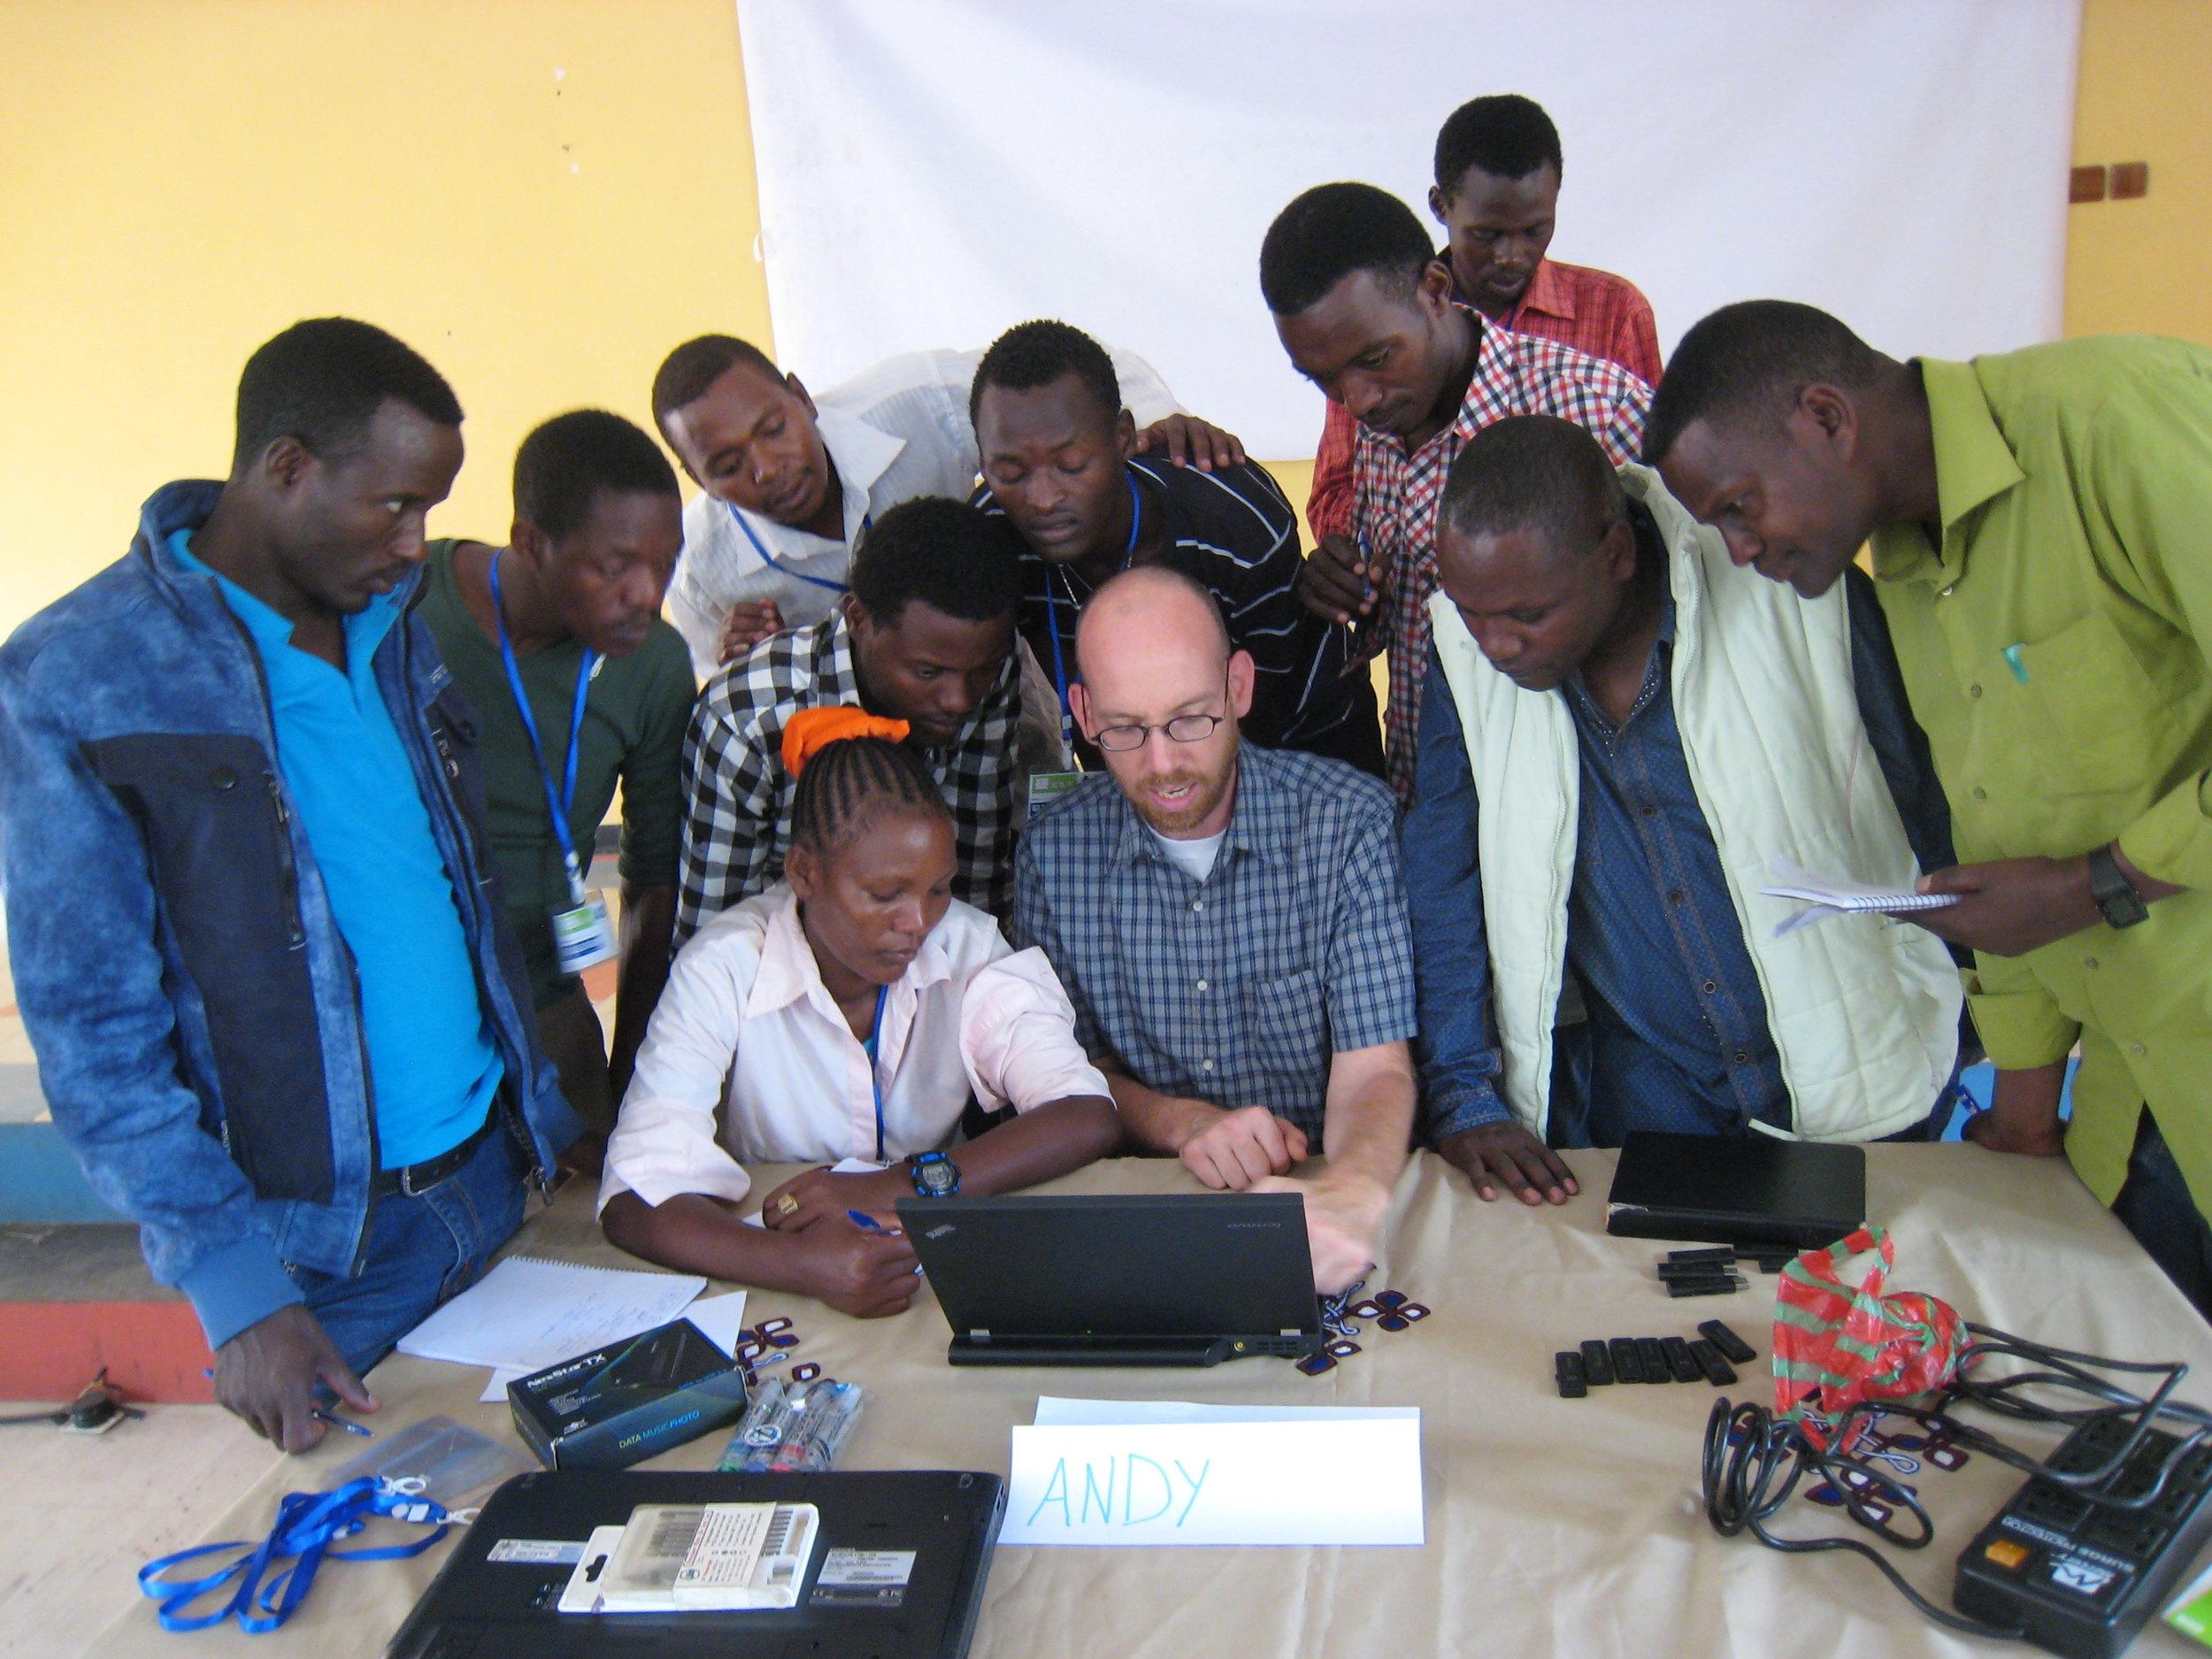 Andy-workshop2.jpg